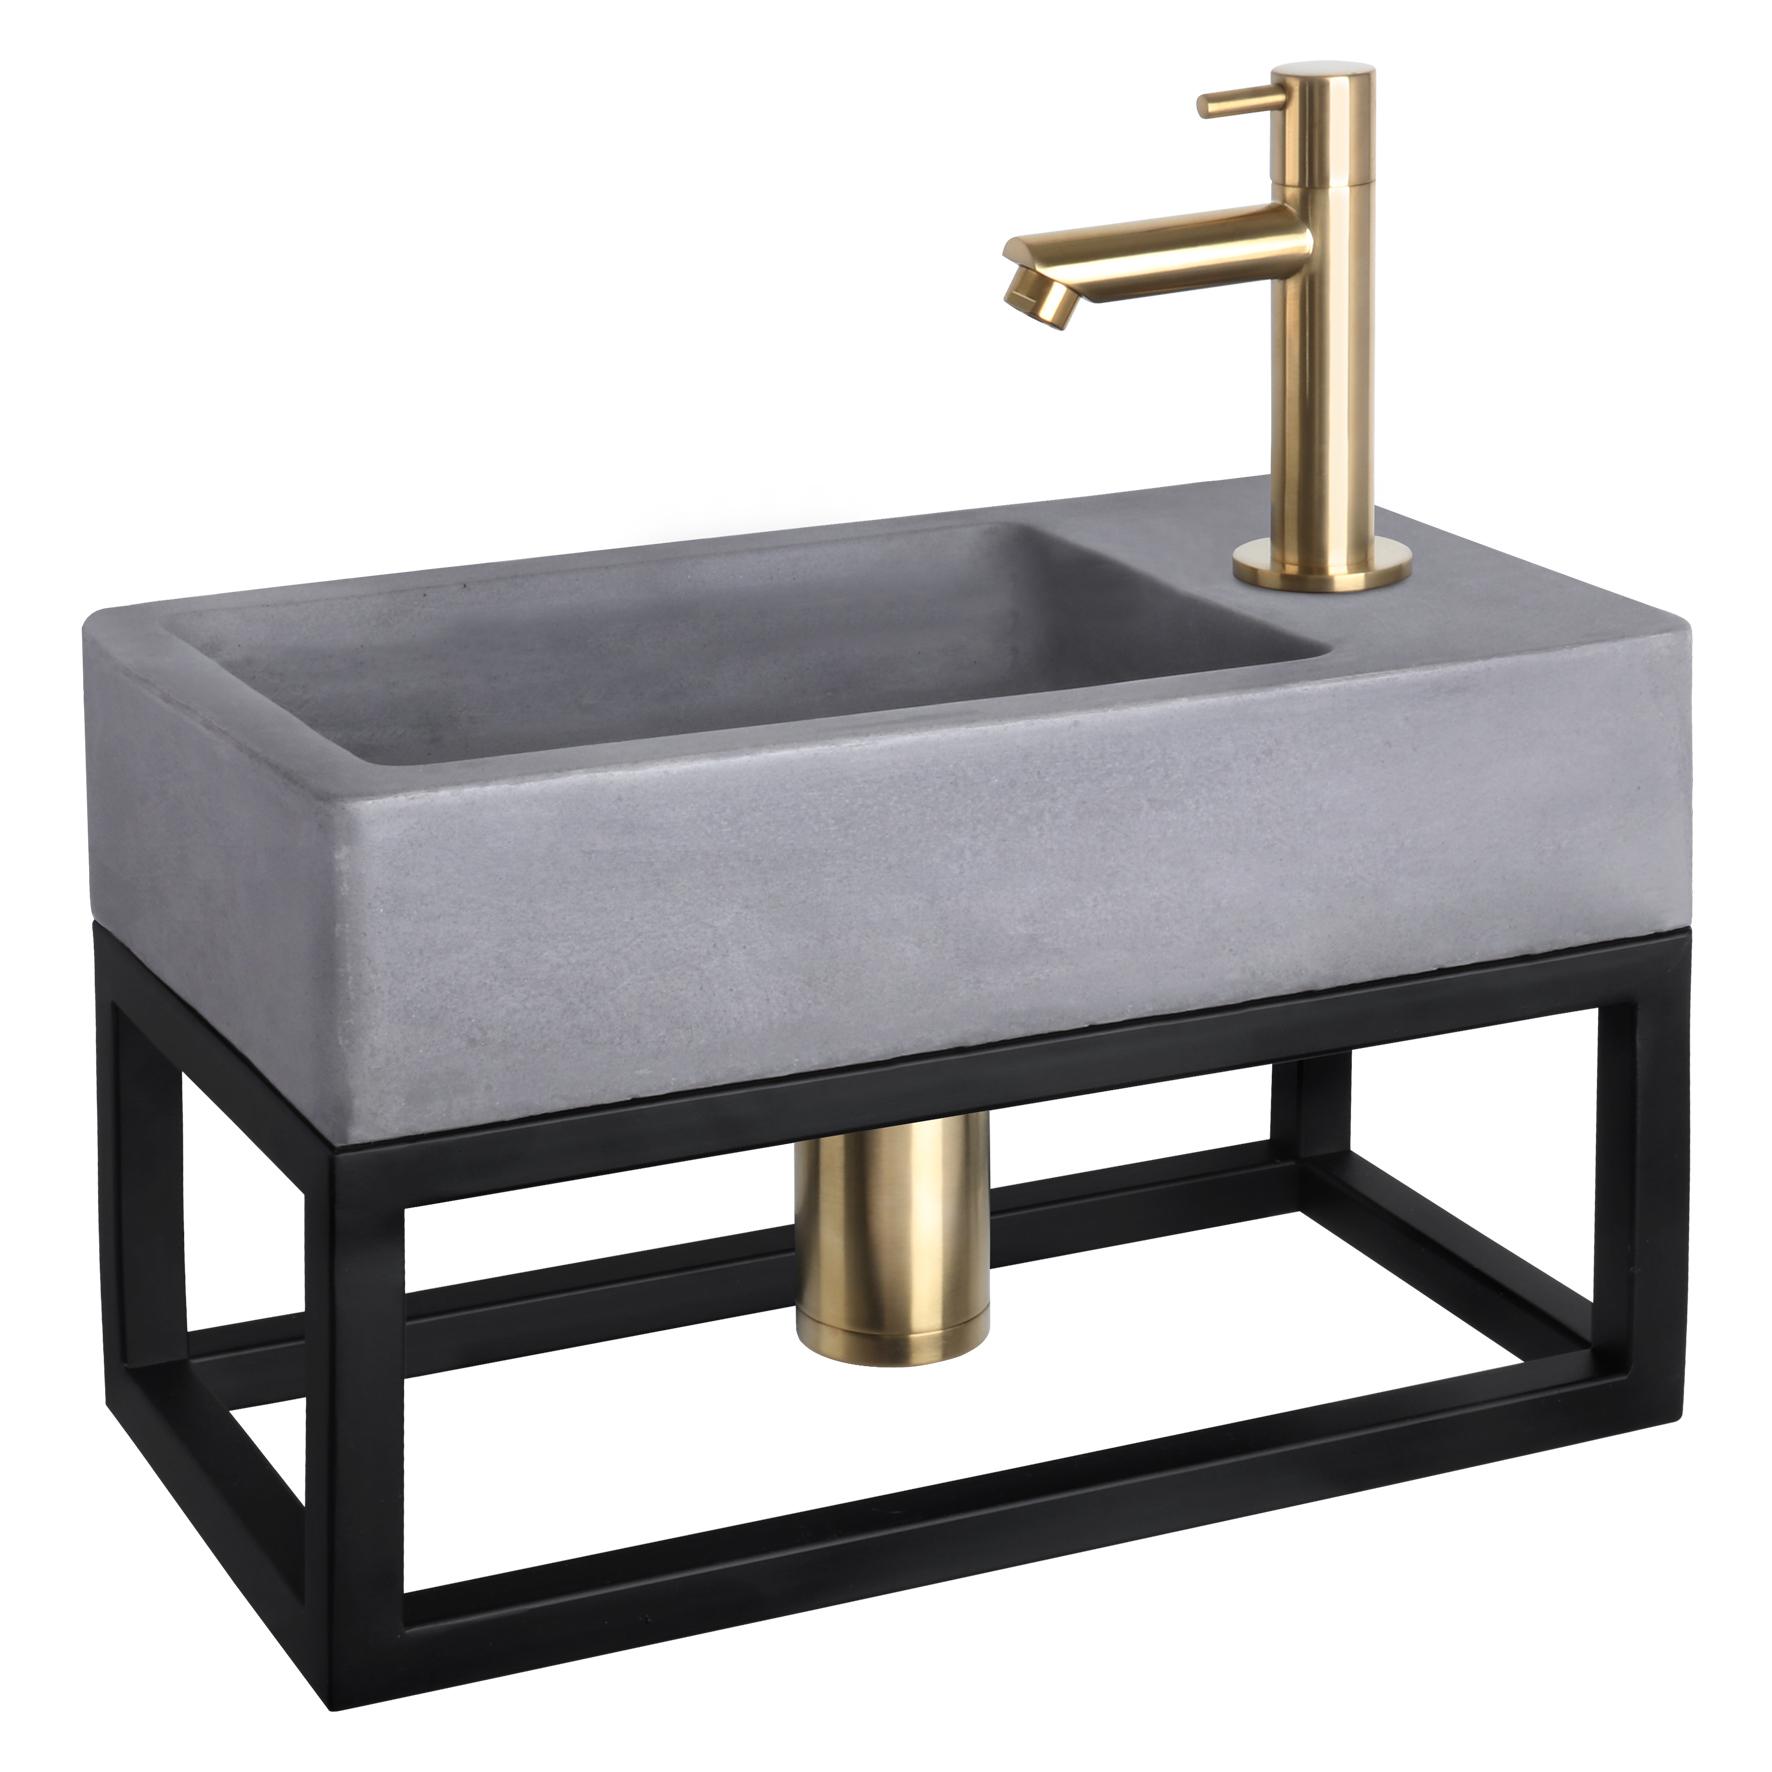 Force fonteinset - Beton donkergrijs - Kraan recht mat goud - Met handdoekrek